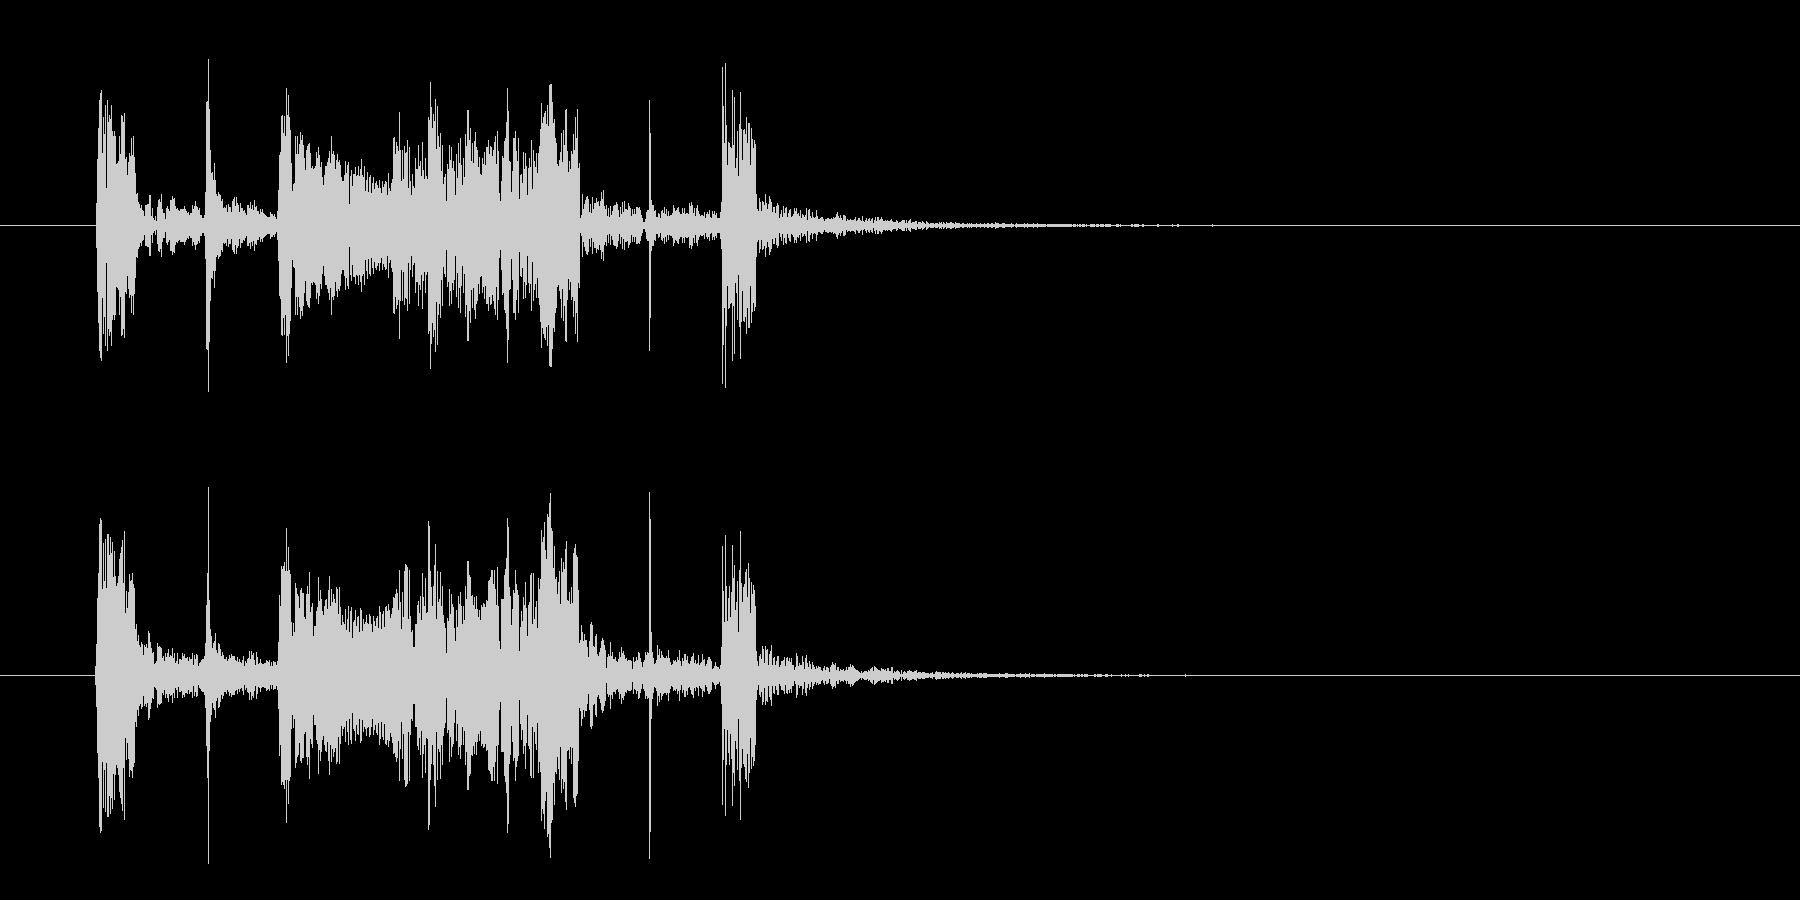 コミカルなジャズのジングル、サウンドロゴの未再生の波形